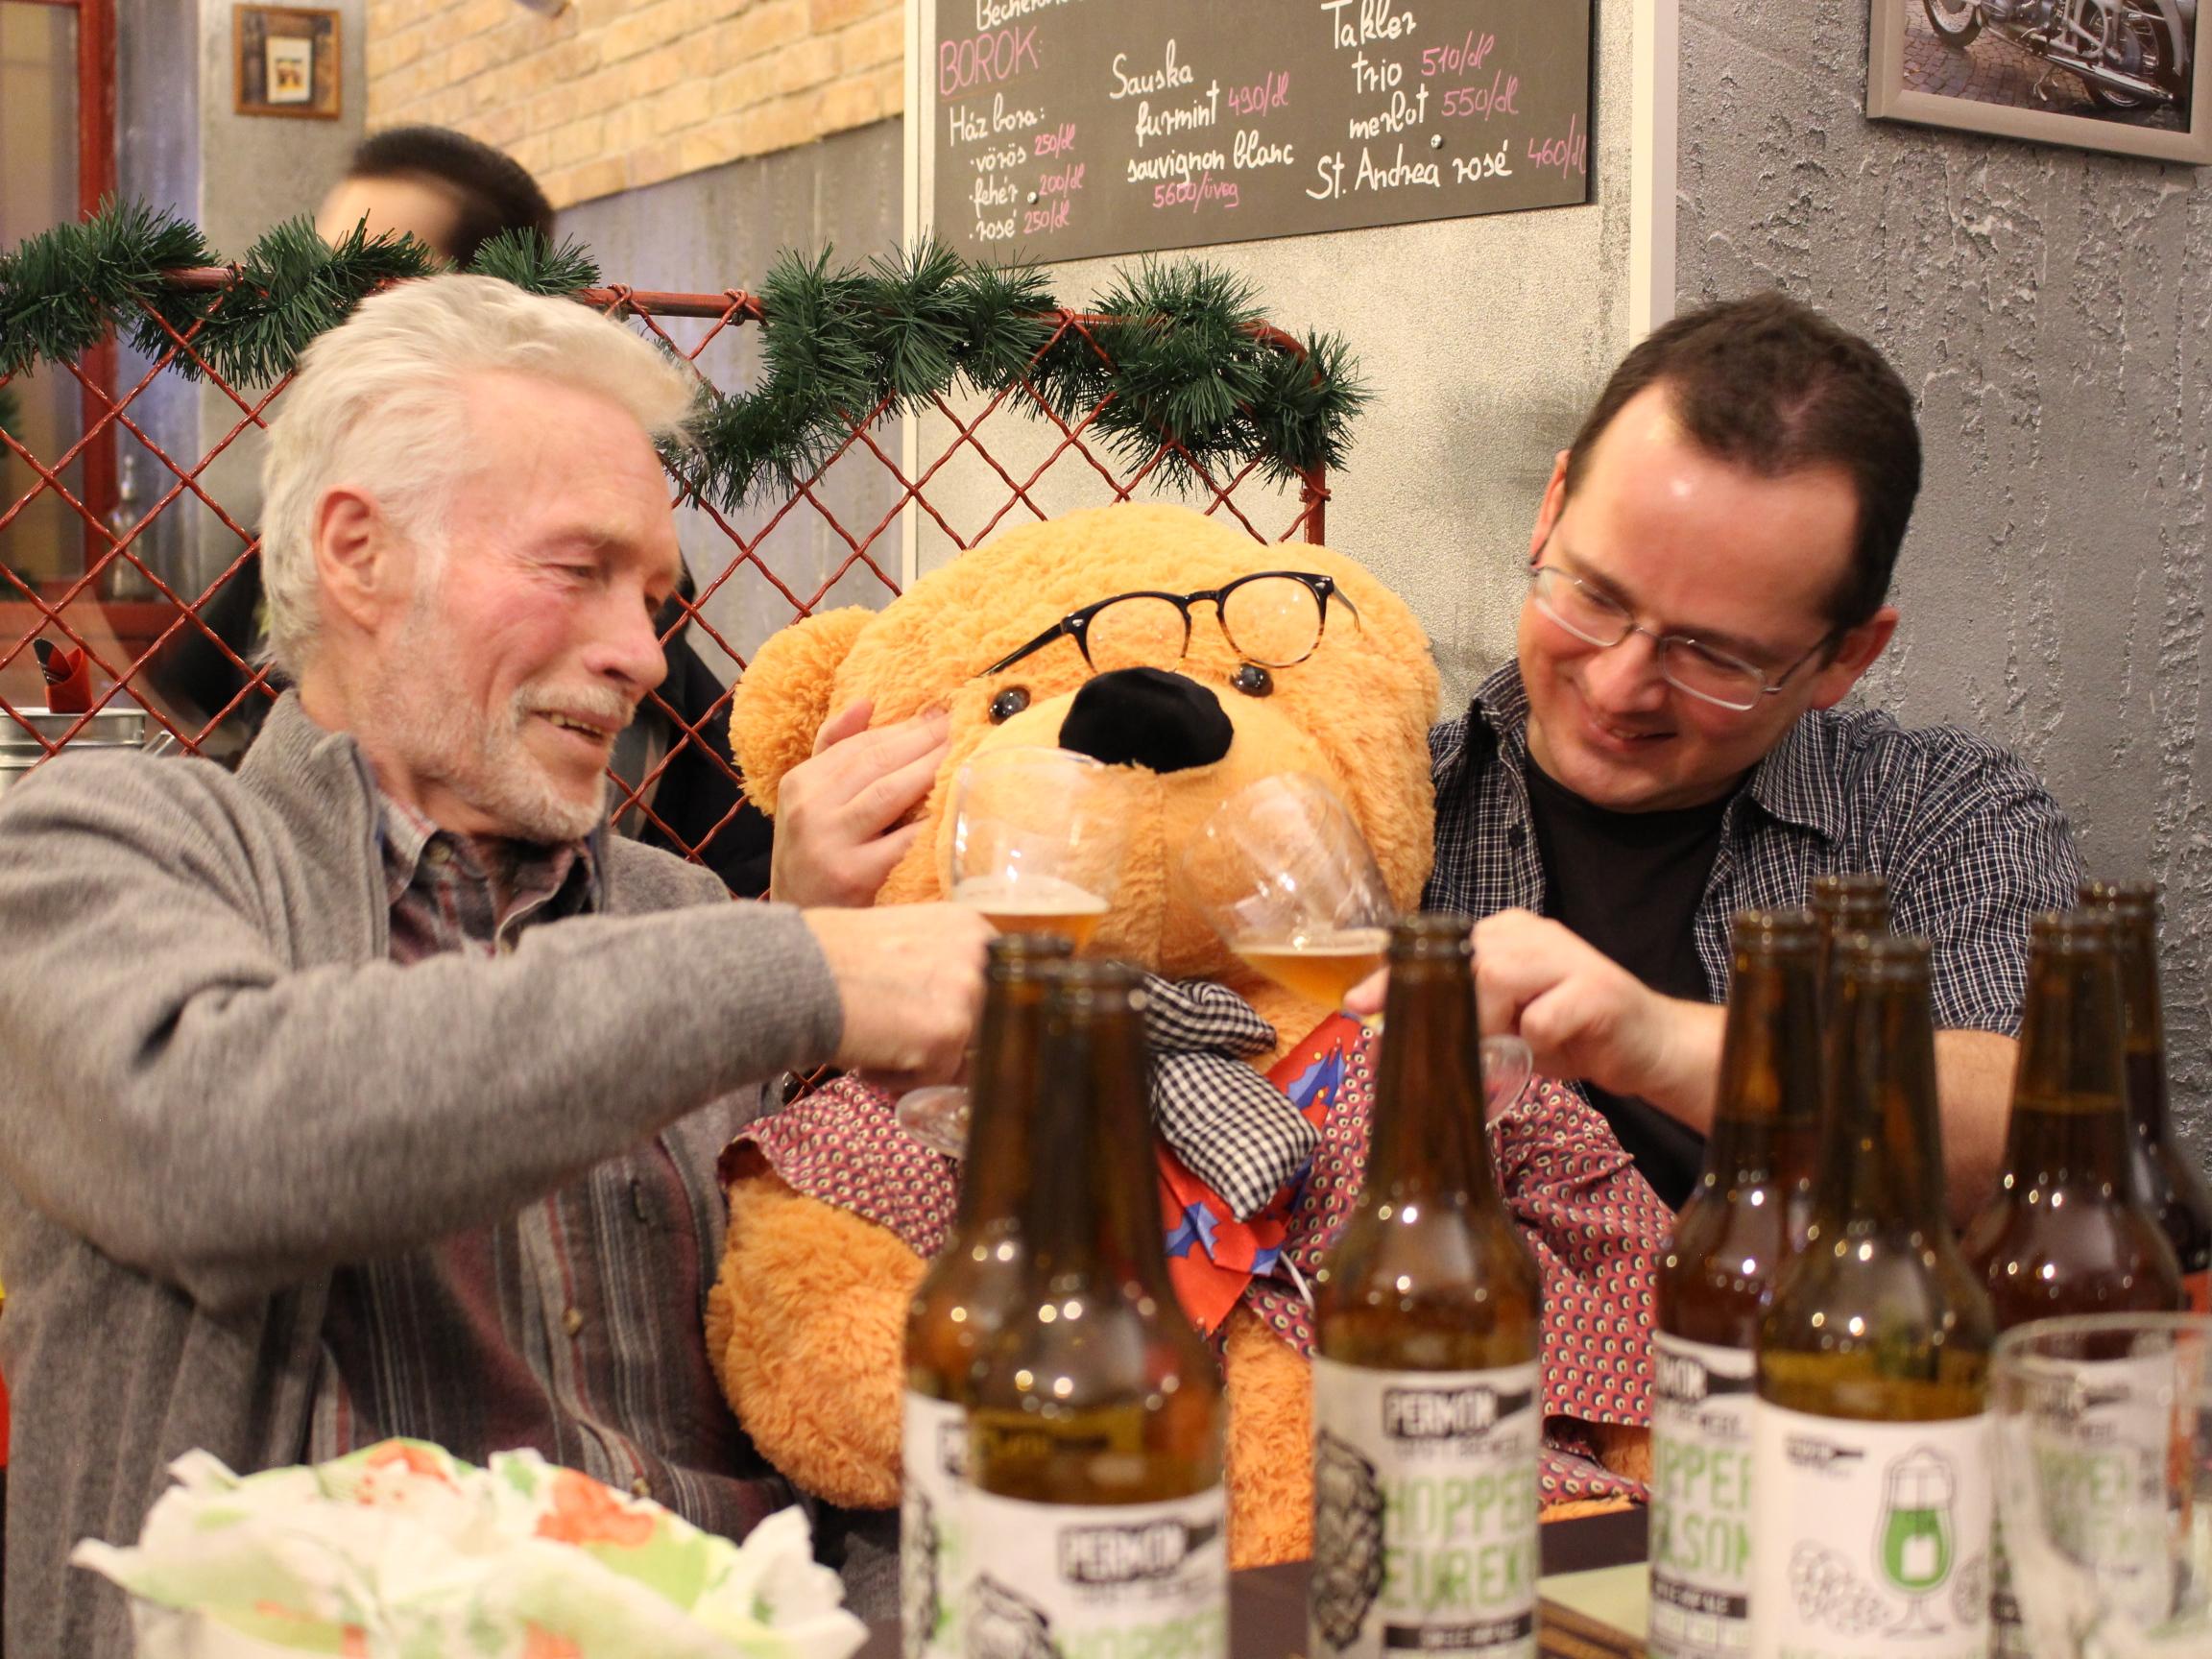 itatják a medvét